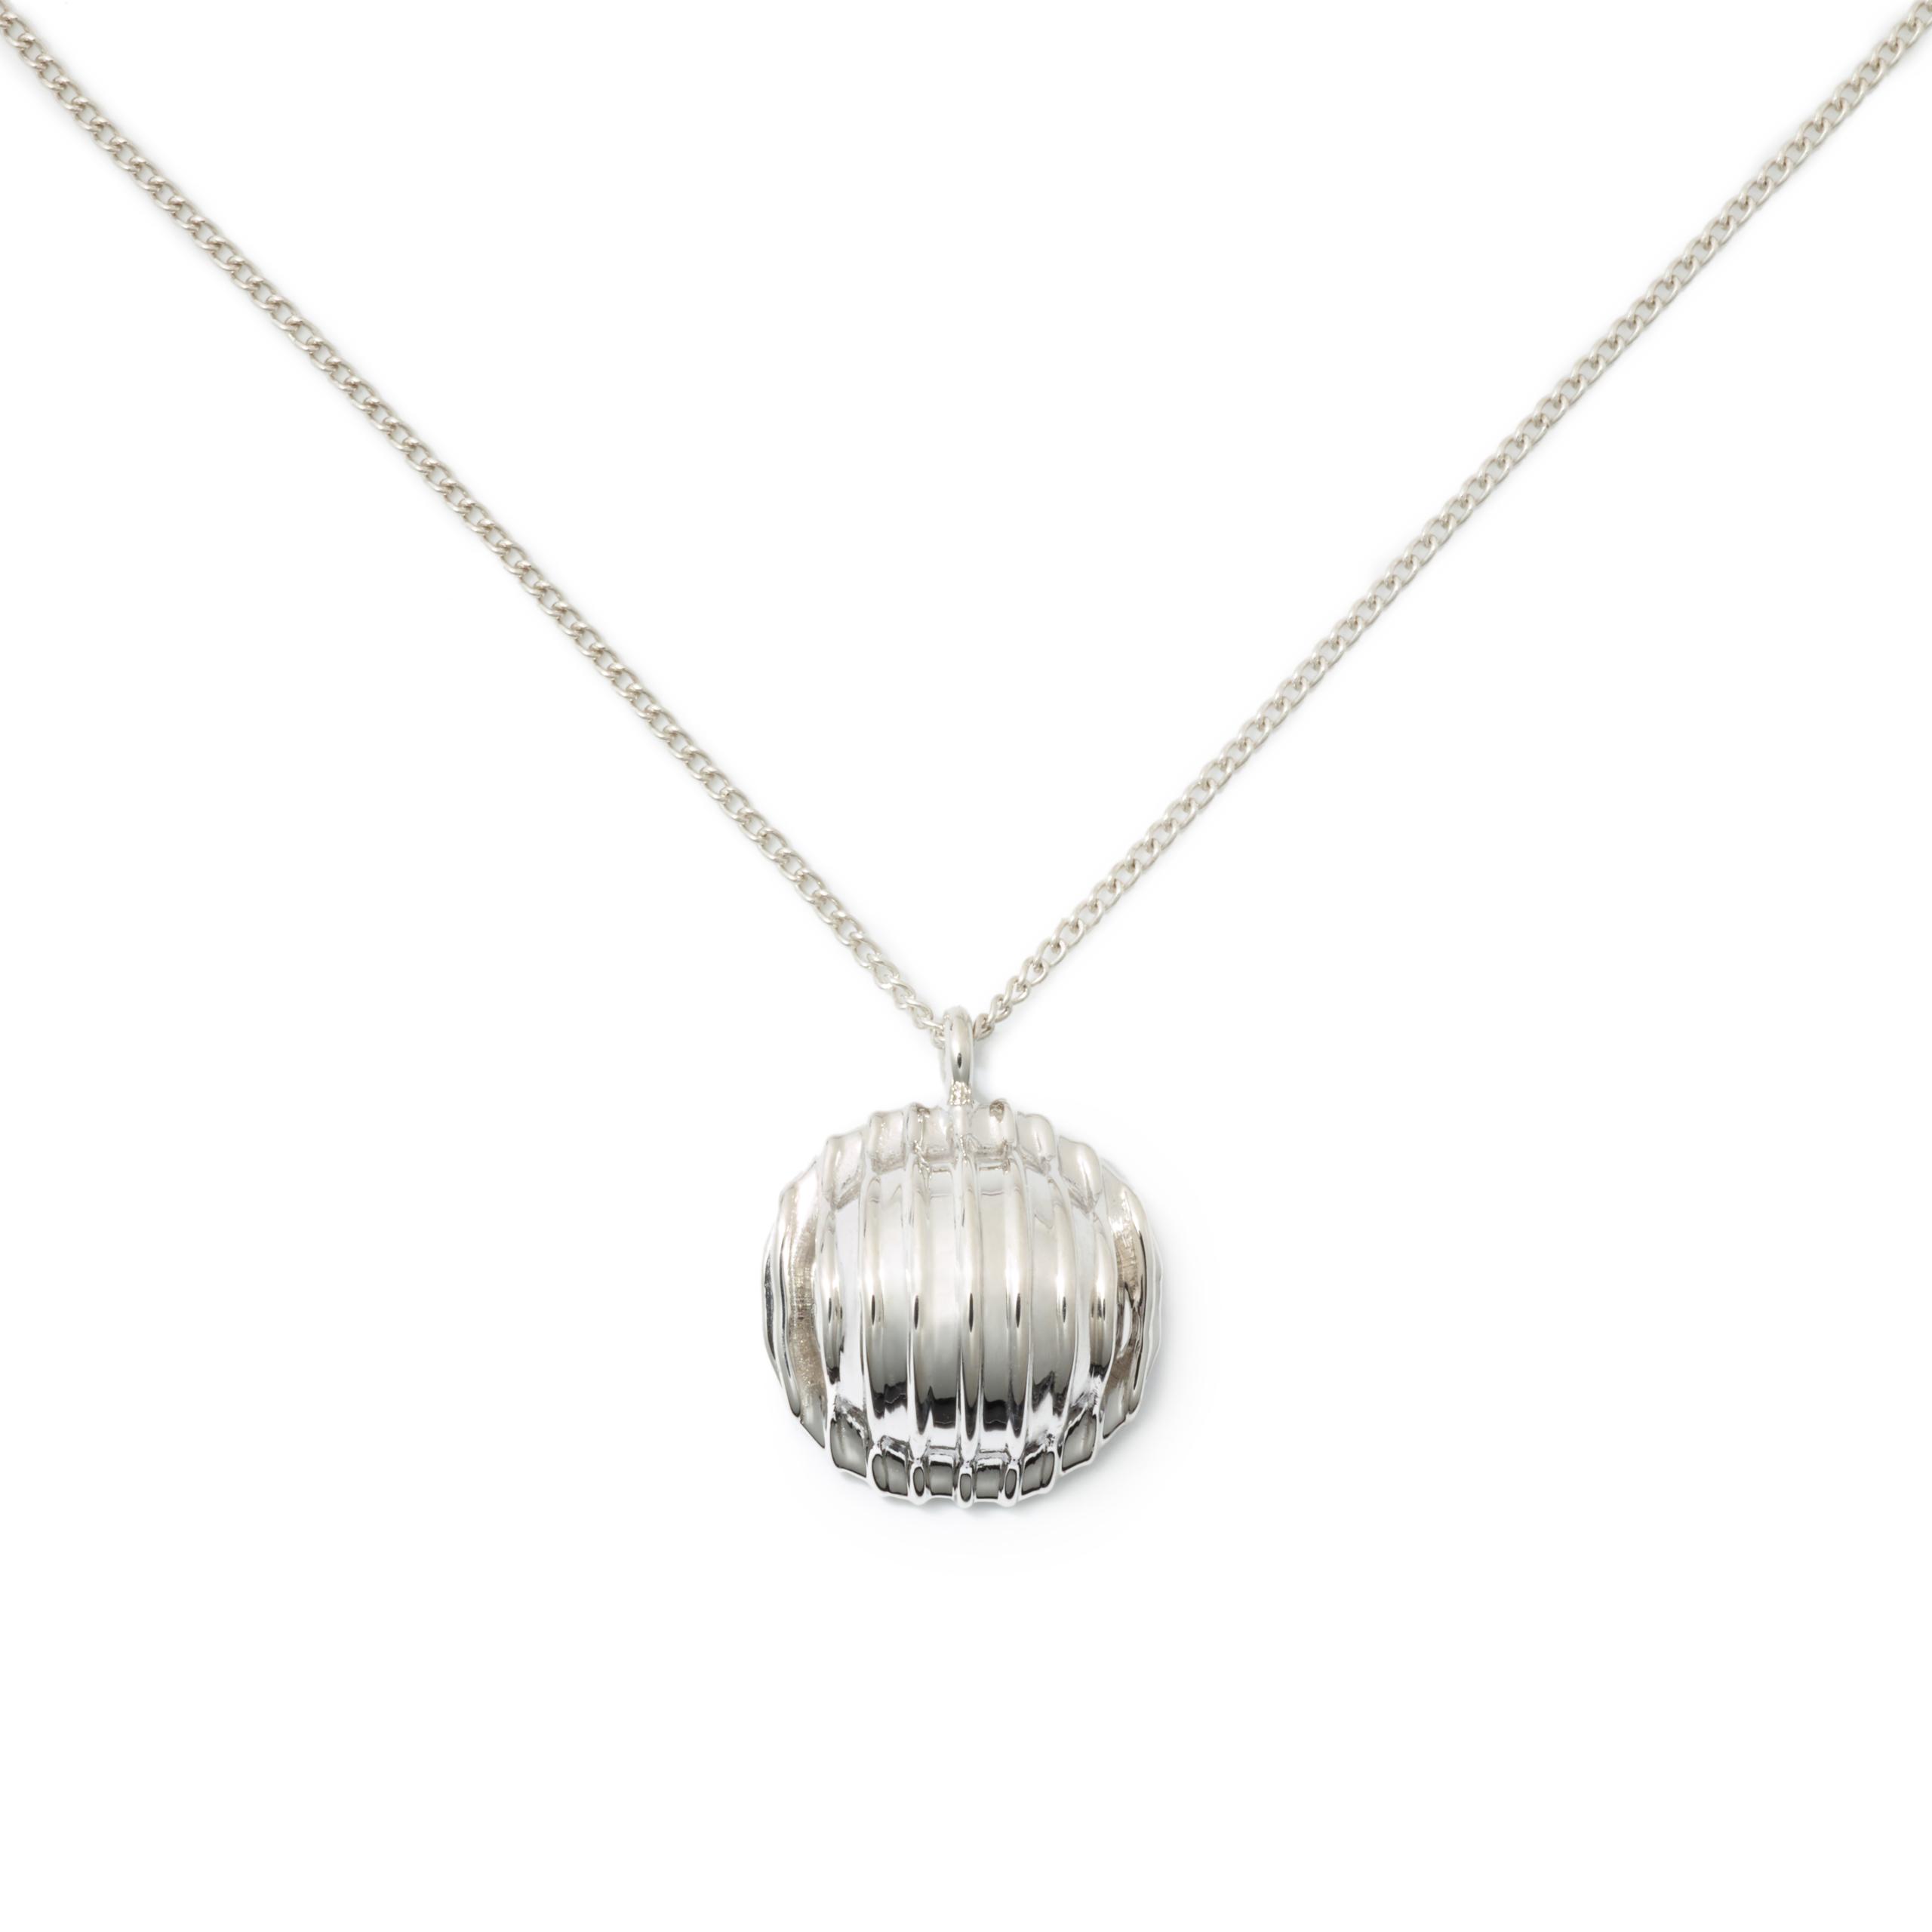 Orecchiette Necklace, Sterling Silver